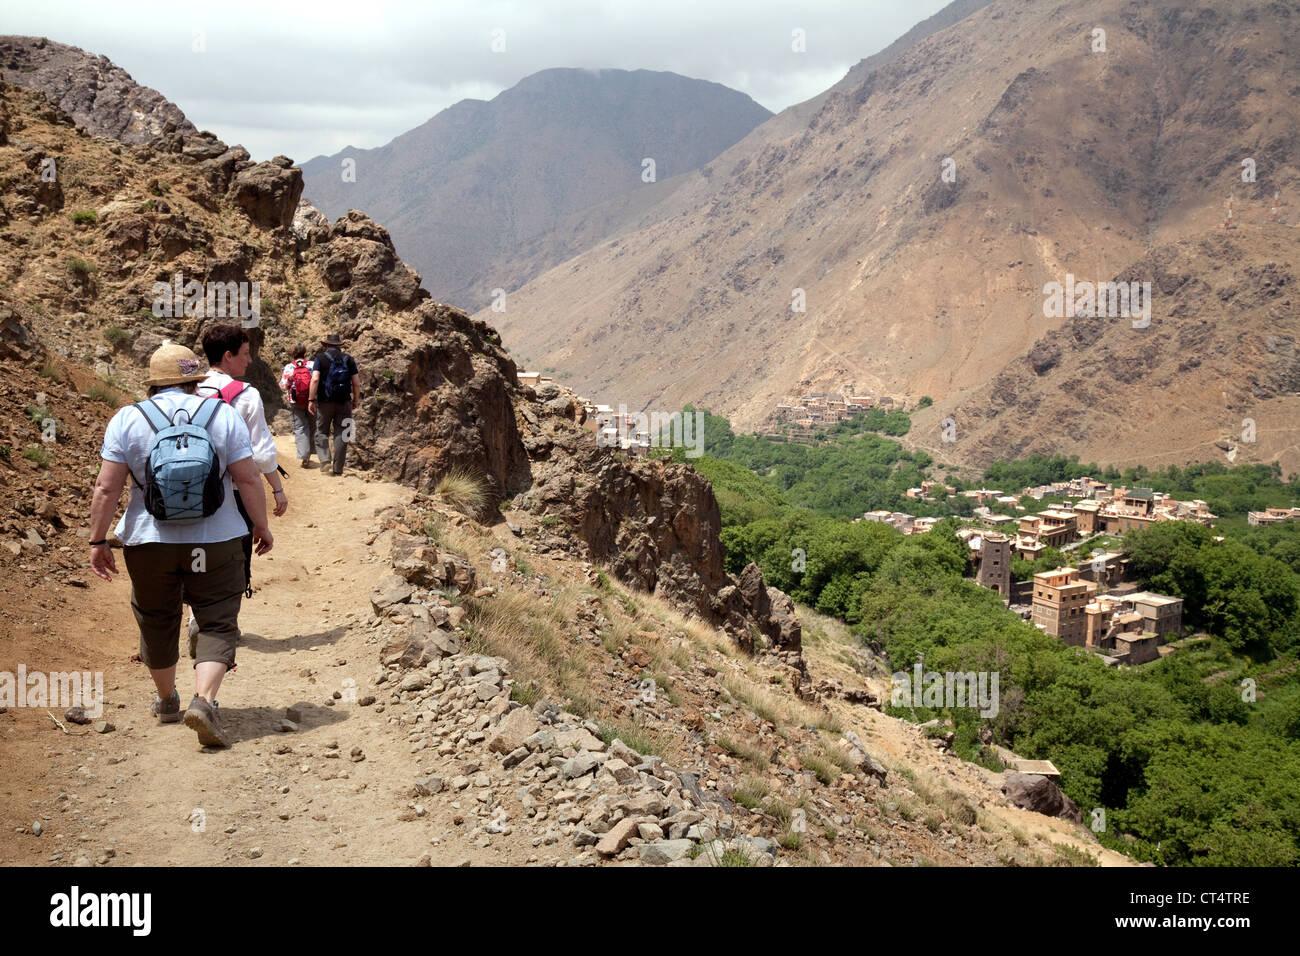 Gruppenreisen - Wandern im Hohen Atlas, Marokko Afrika Stockbild